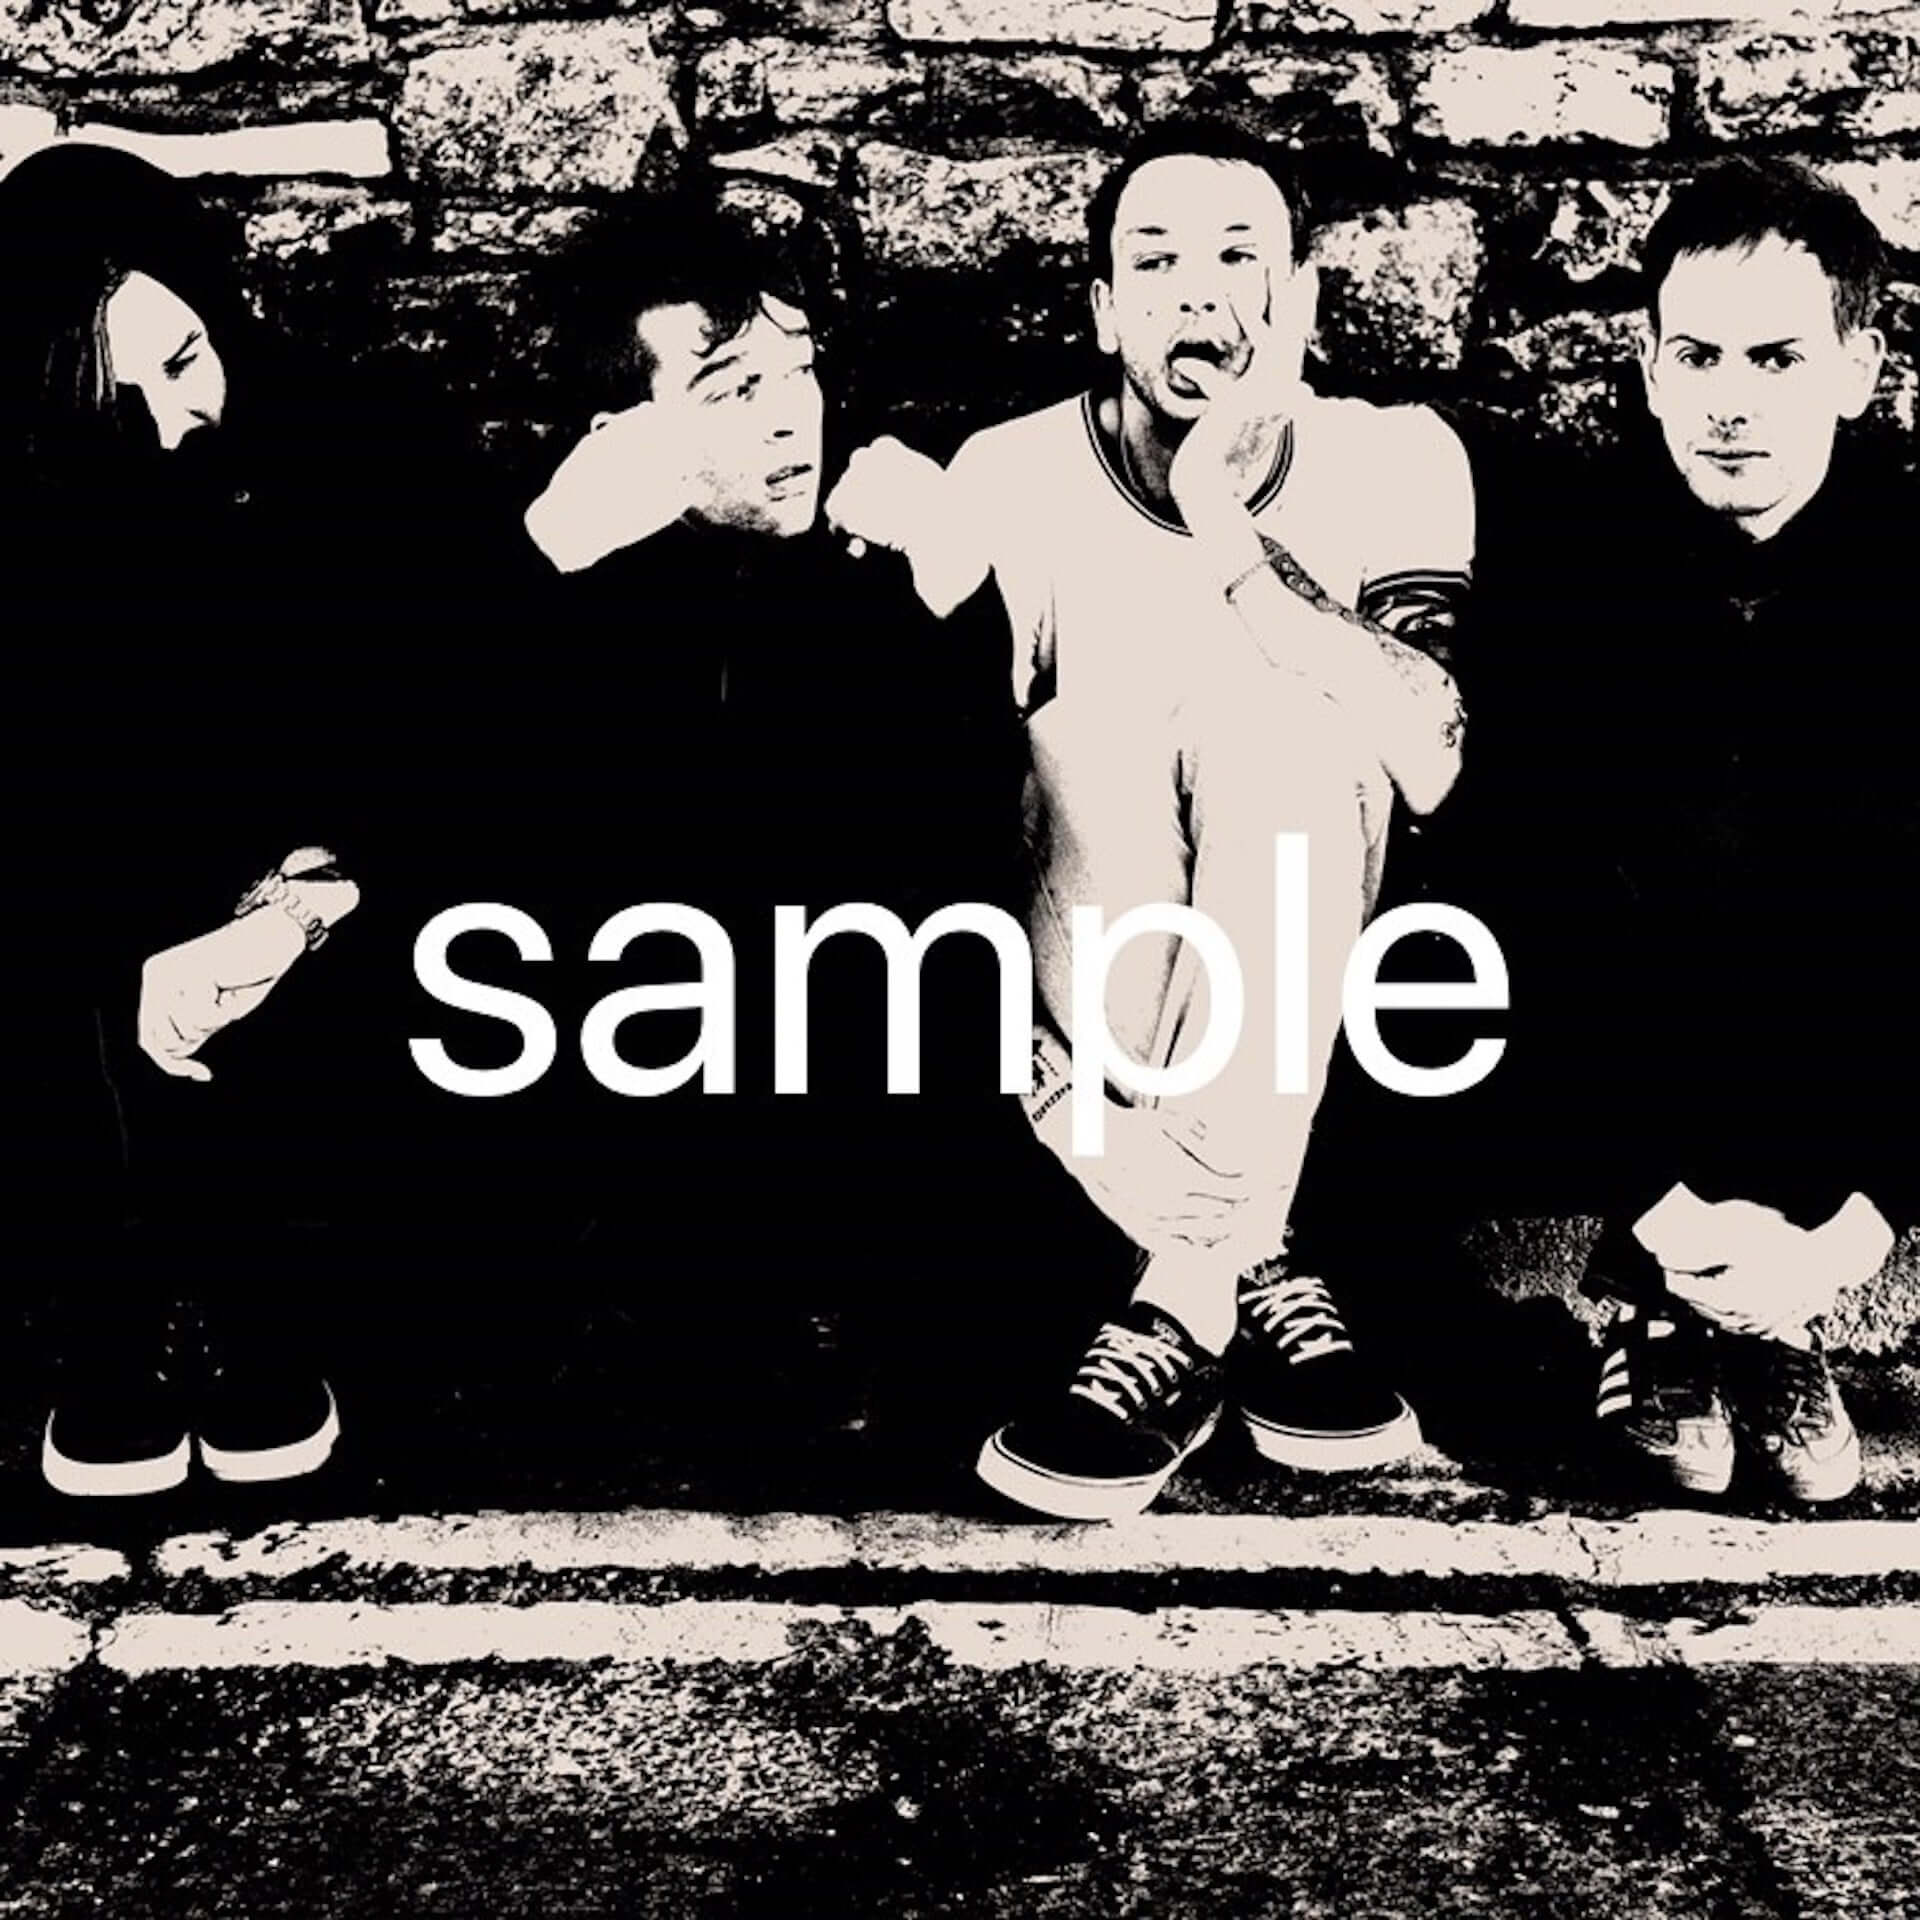 The 1975の新アルバムが発売延期に|専属デザイナーによる日本盤CD特典が決定 music200331_the_1975_3-1920x1920